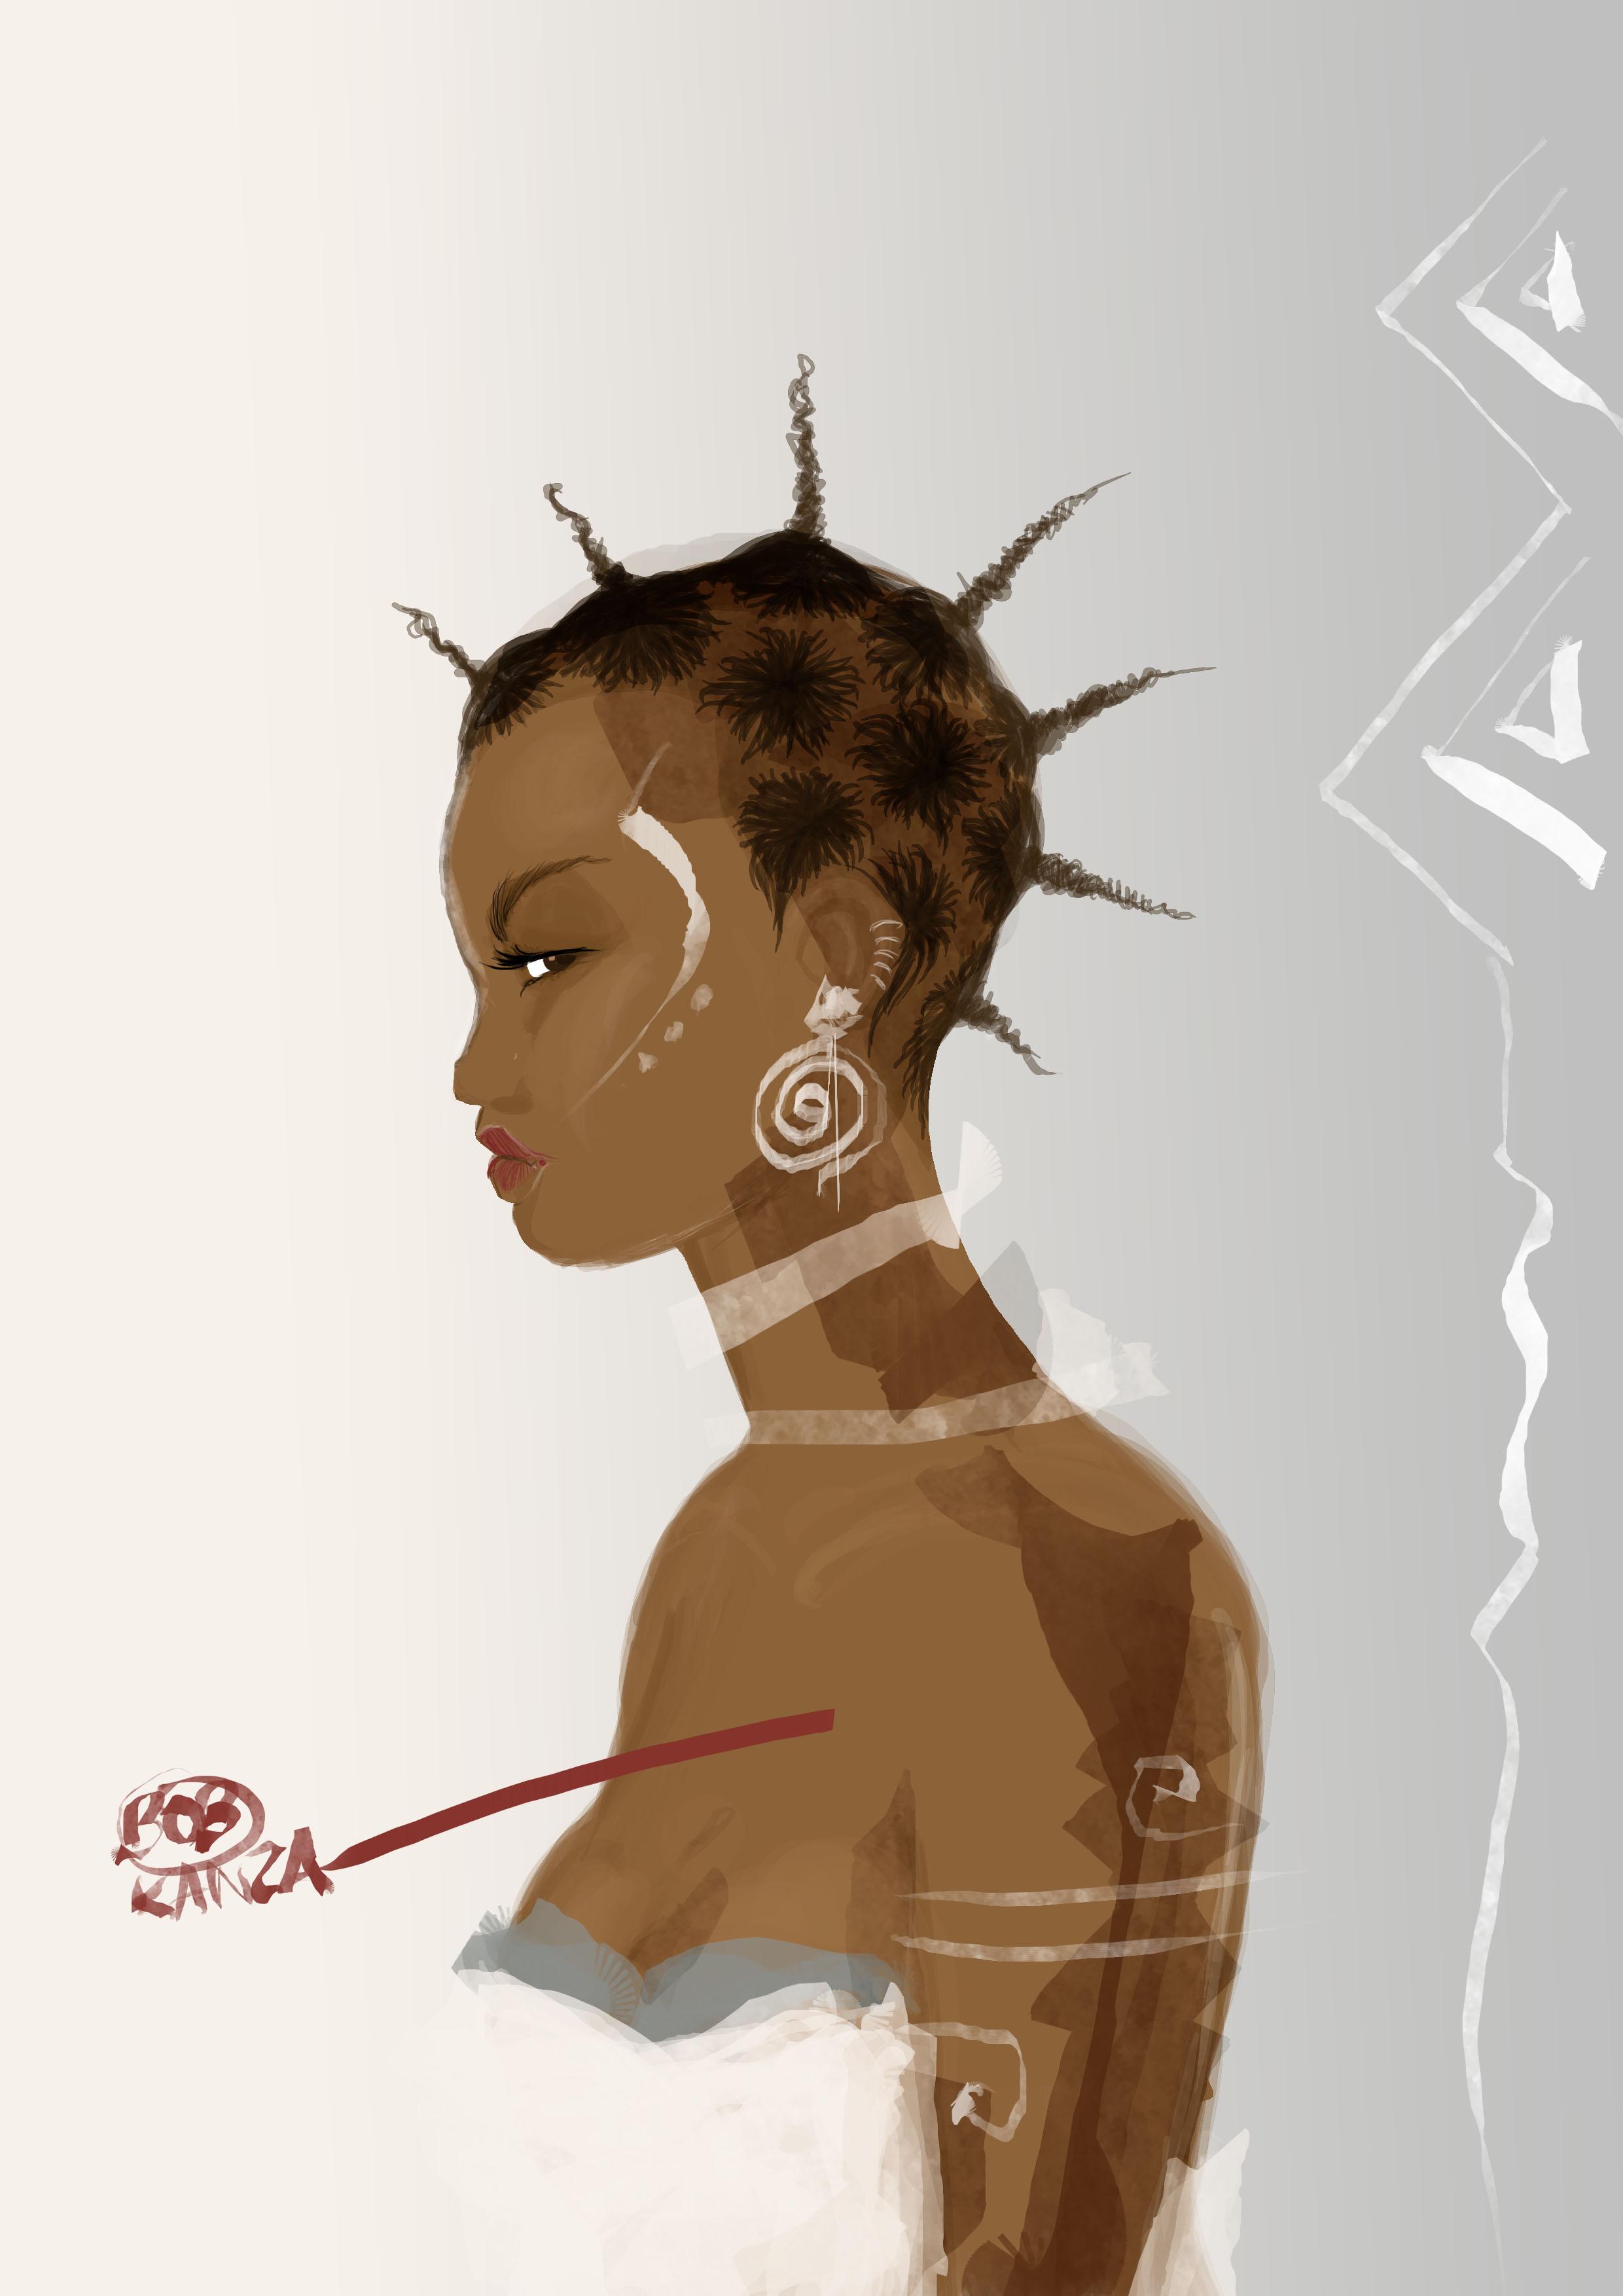 Bob Kanza, Auteur Illustrateur & Développement Web